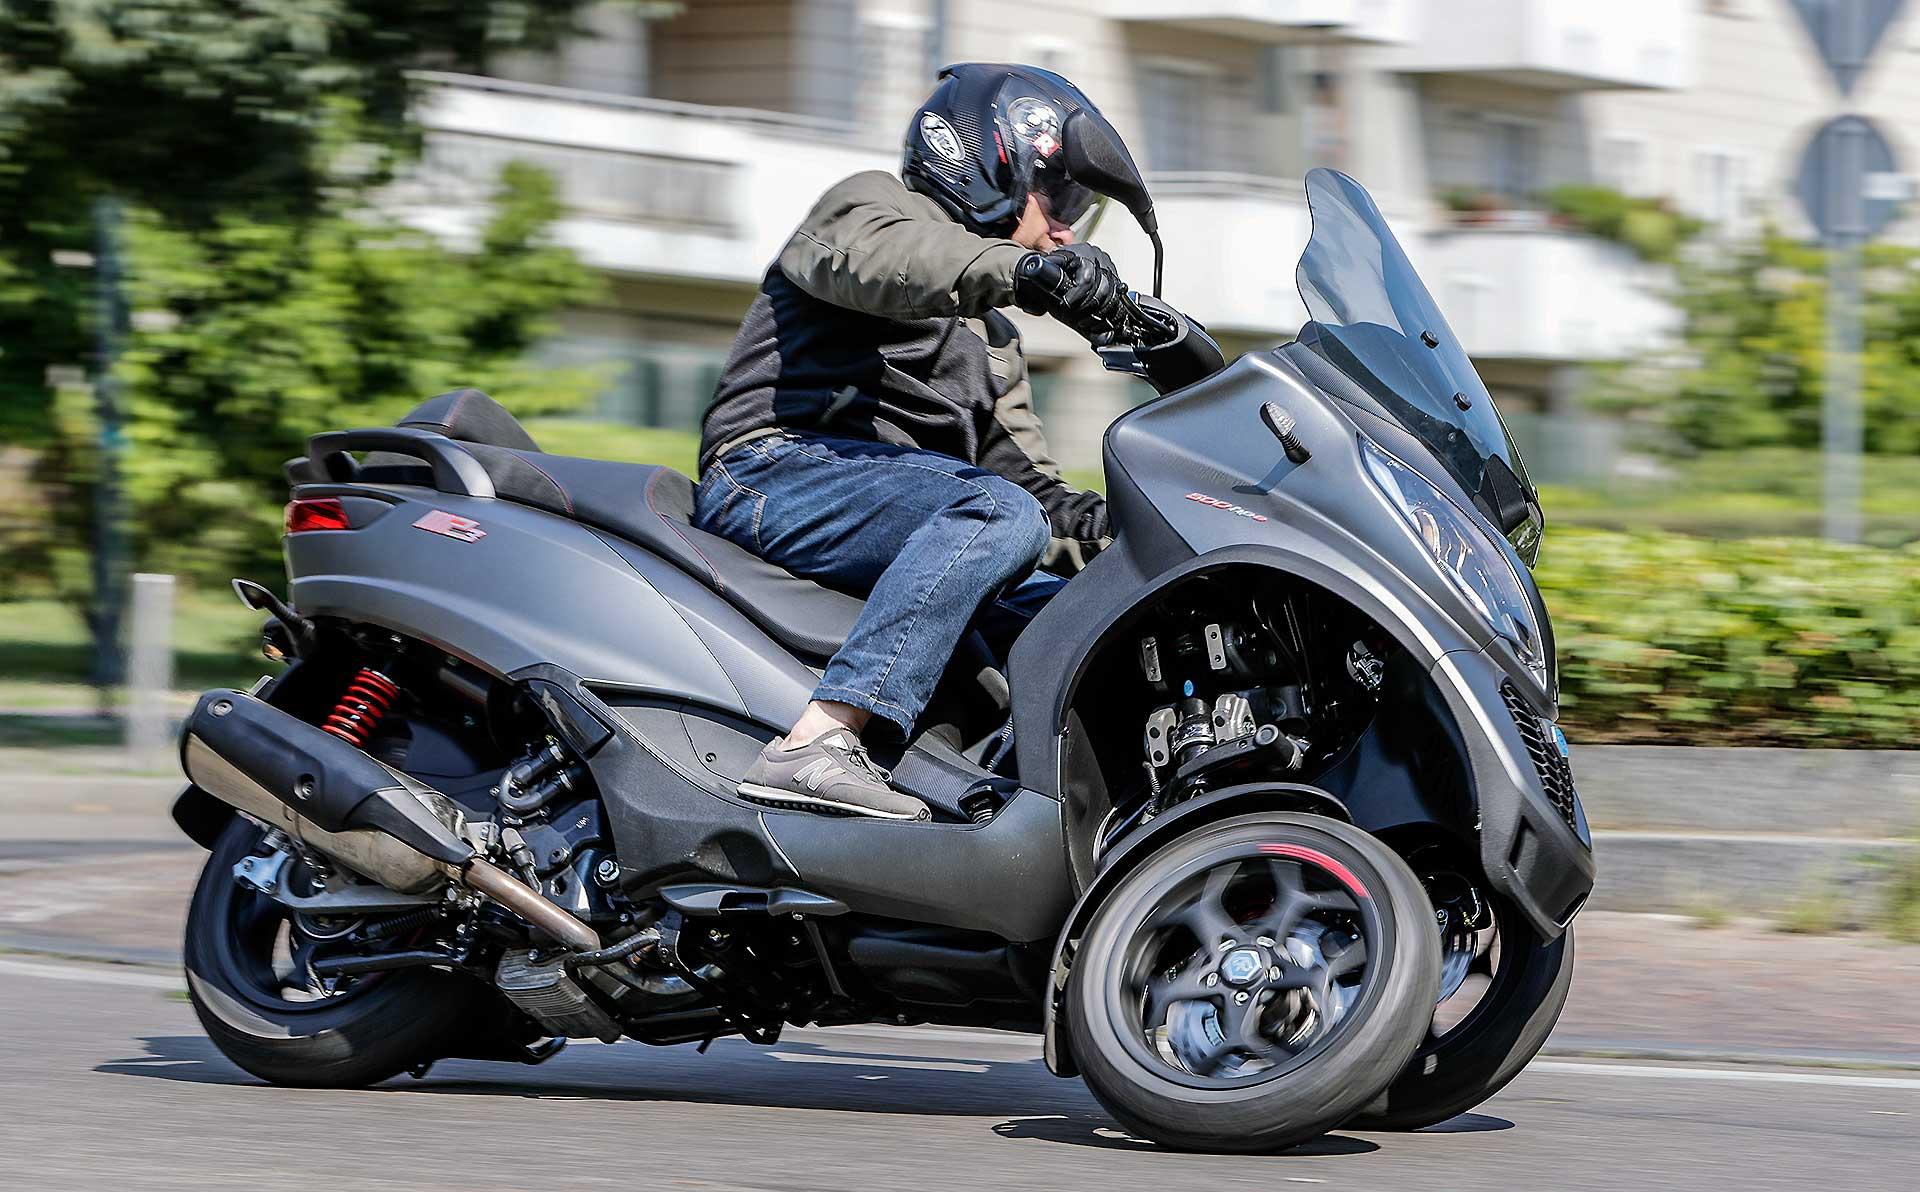 prova piaggio mp3 500 hpe sport 2018 in sella al nuovo tre ruote piaggio. Black Bedroom Furniture Sets. Home Design Ideas